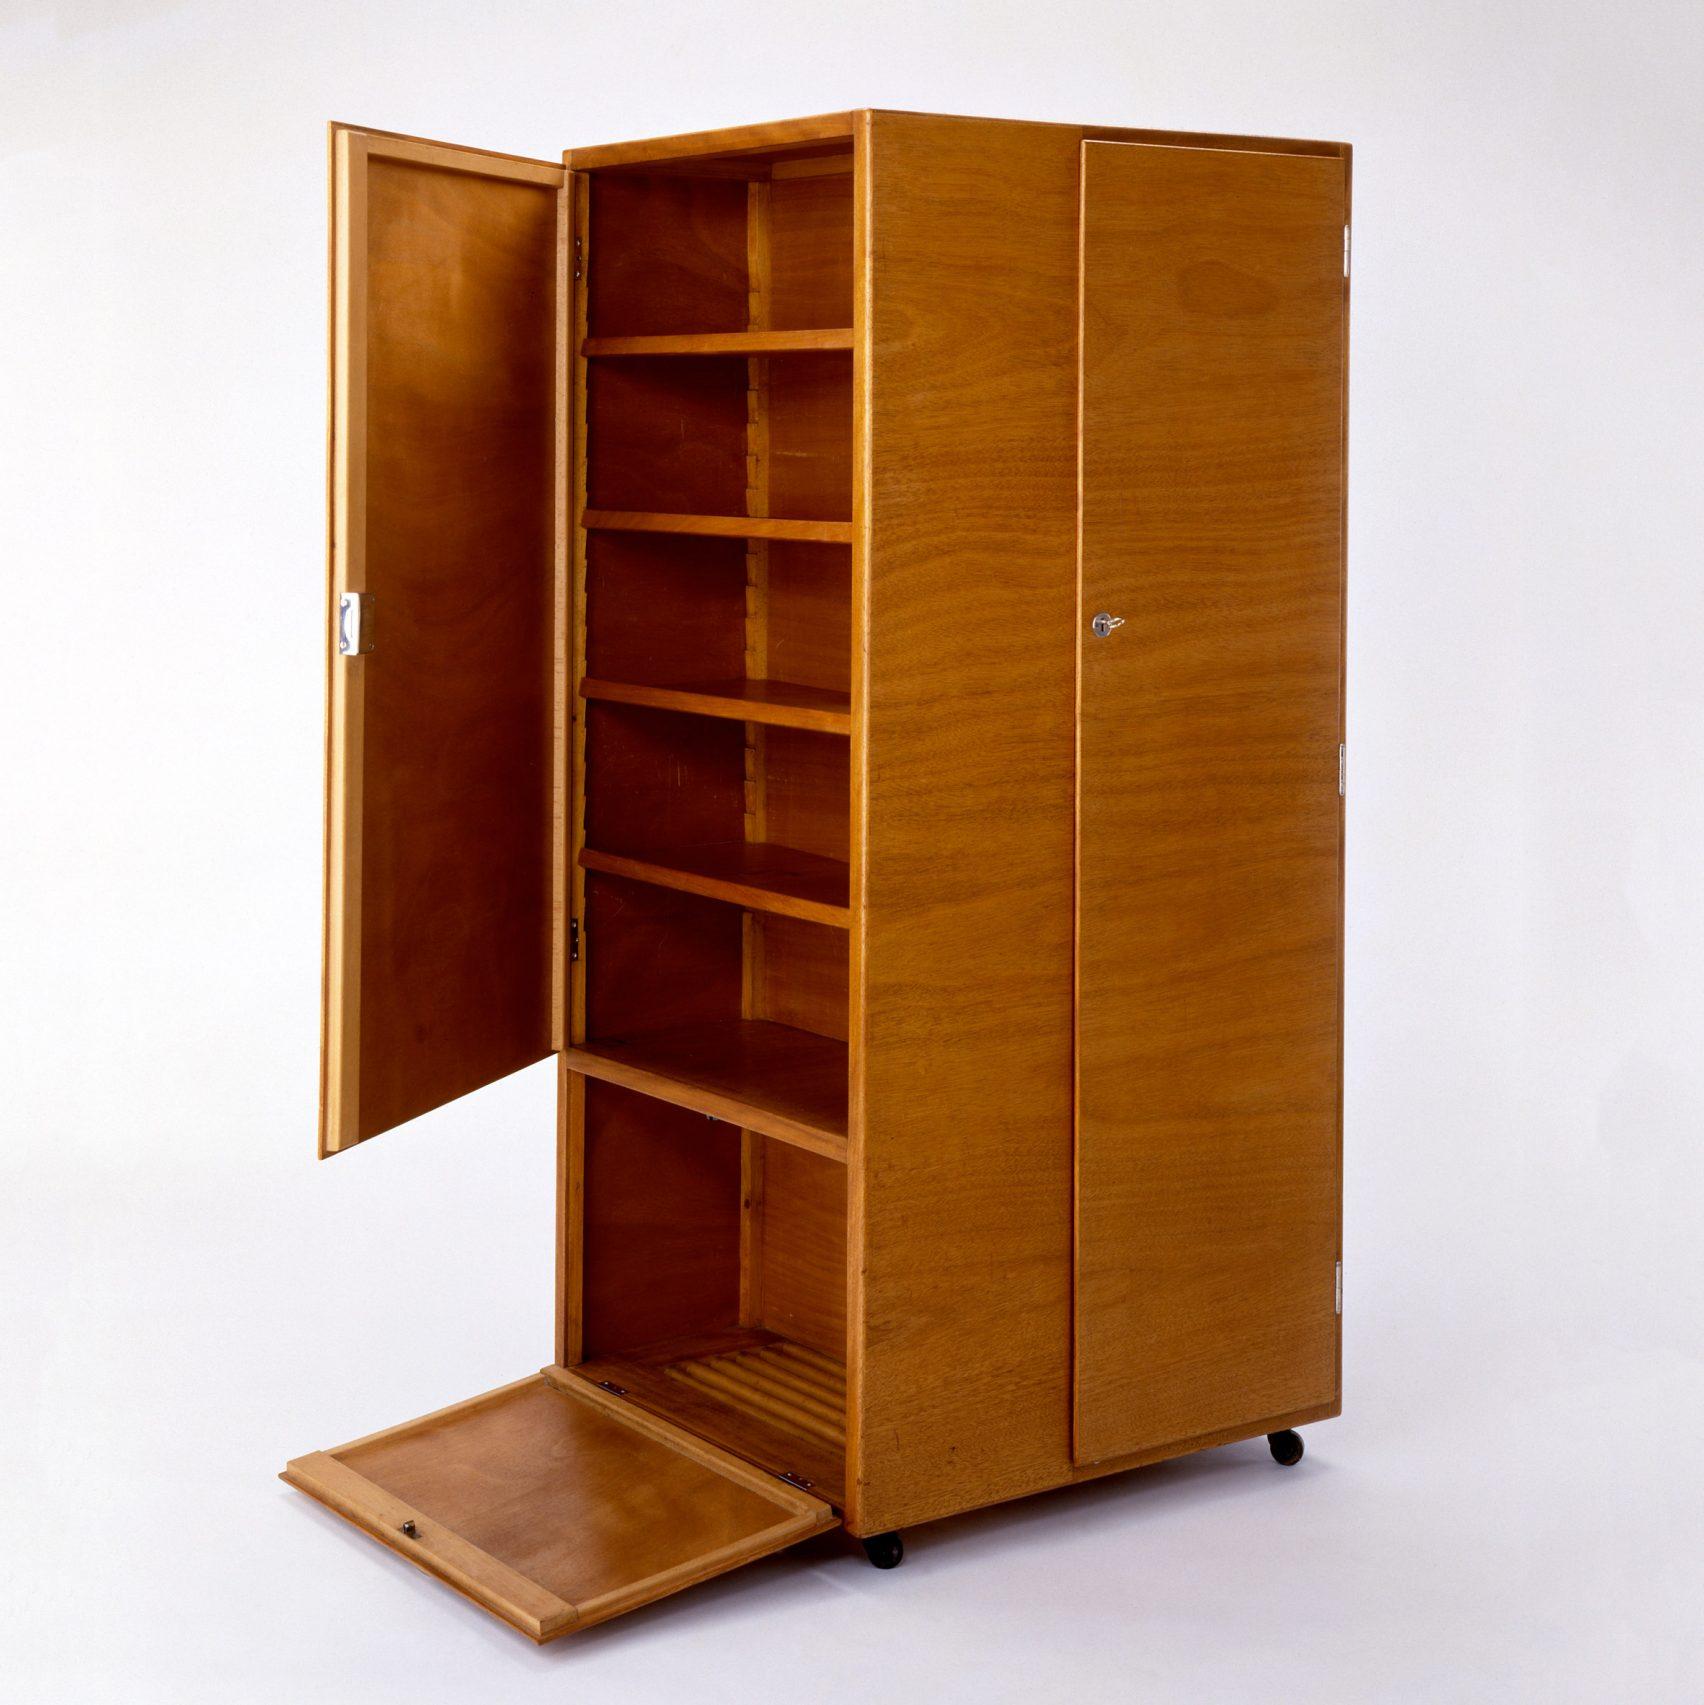 phong trào Bauhaus 6